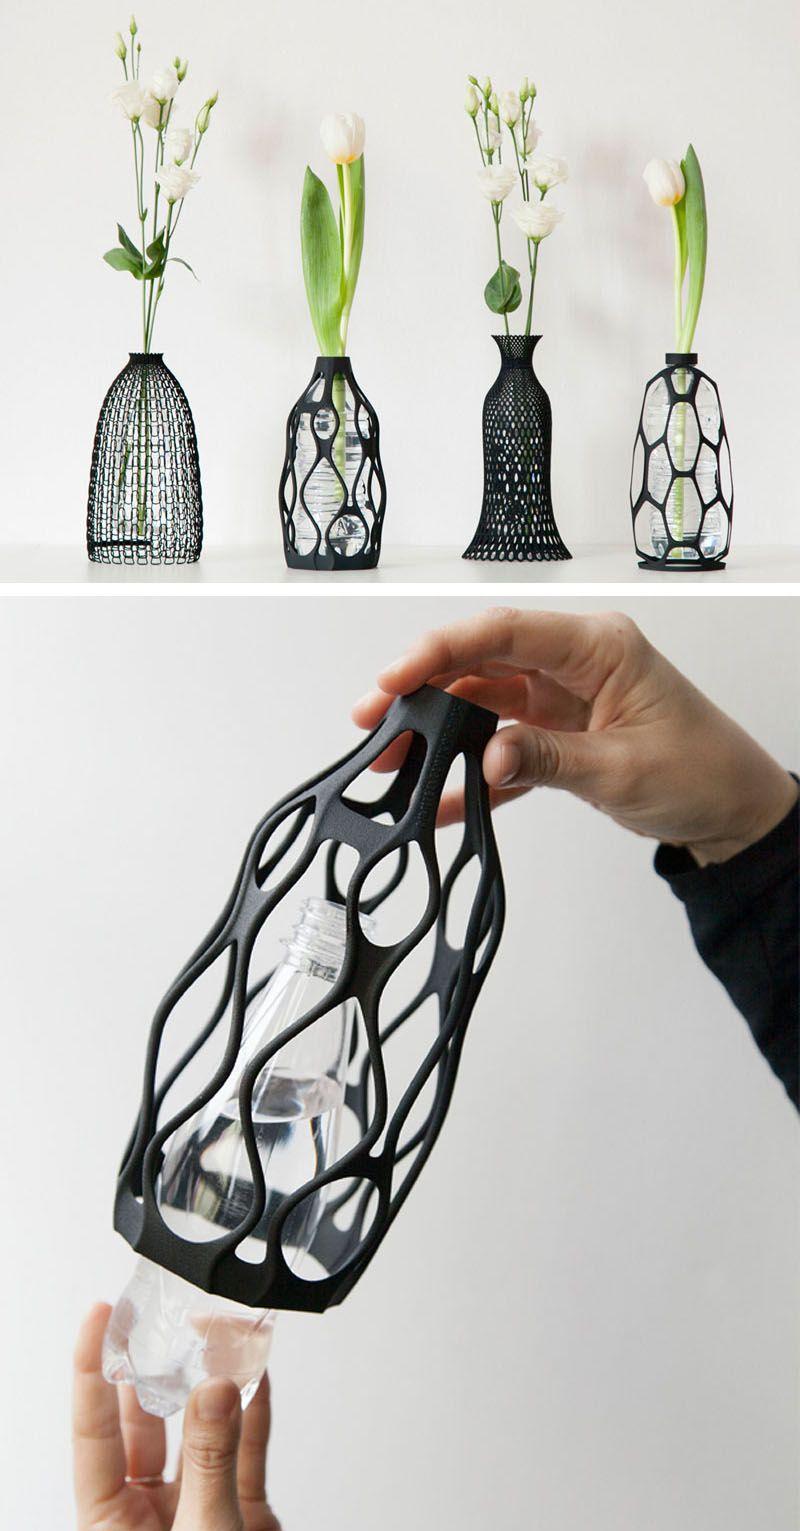 O designer Libero Rutilo criou vasos incríveis para dar um novo uso às garrafas plásticas. A idéia era fazer um modelo de vaso impresso em 3D que pudesse ser colocado em cima de uma garrafa plástica (PET) e pudesse ser rosqueado como uma tampa.